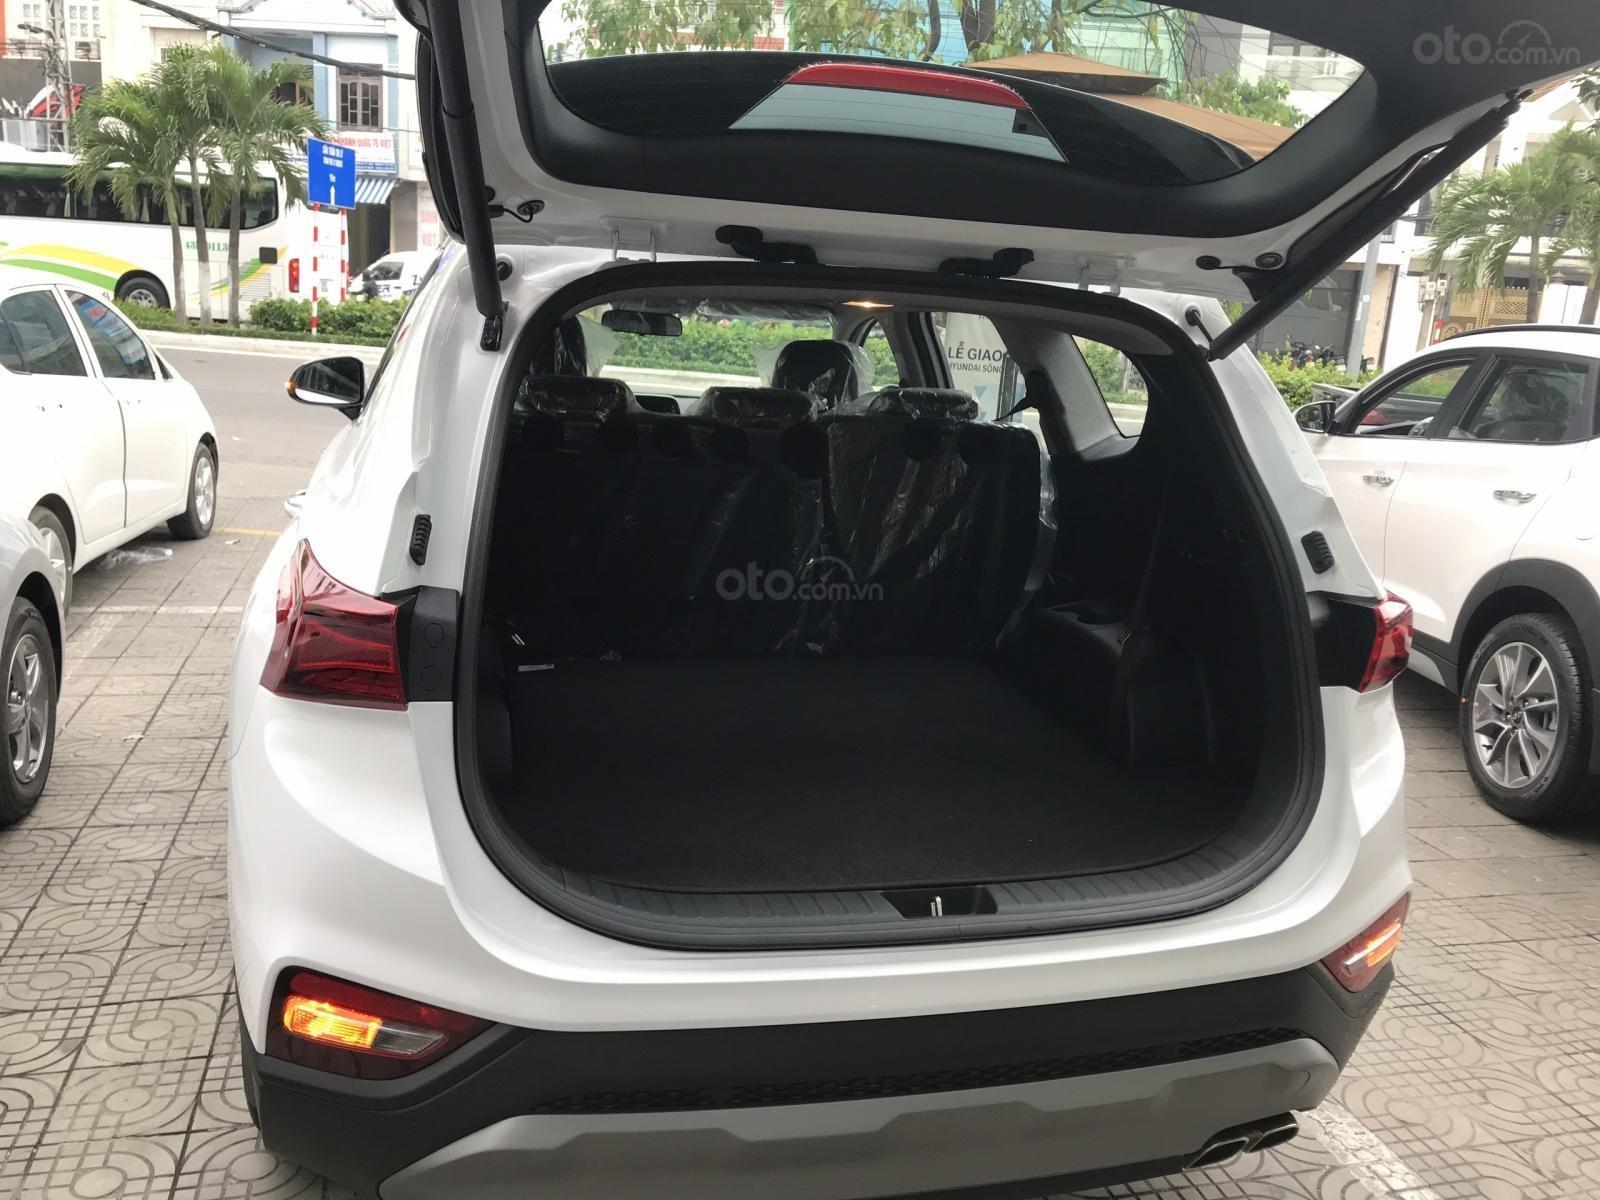 Bán Hyundai Santa Fe 2019, màu trắng, xe nhập, giá chỉ 995 triệu-7